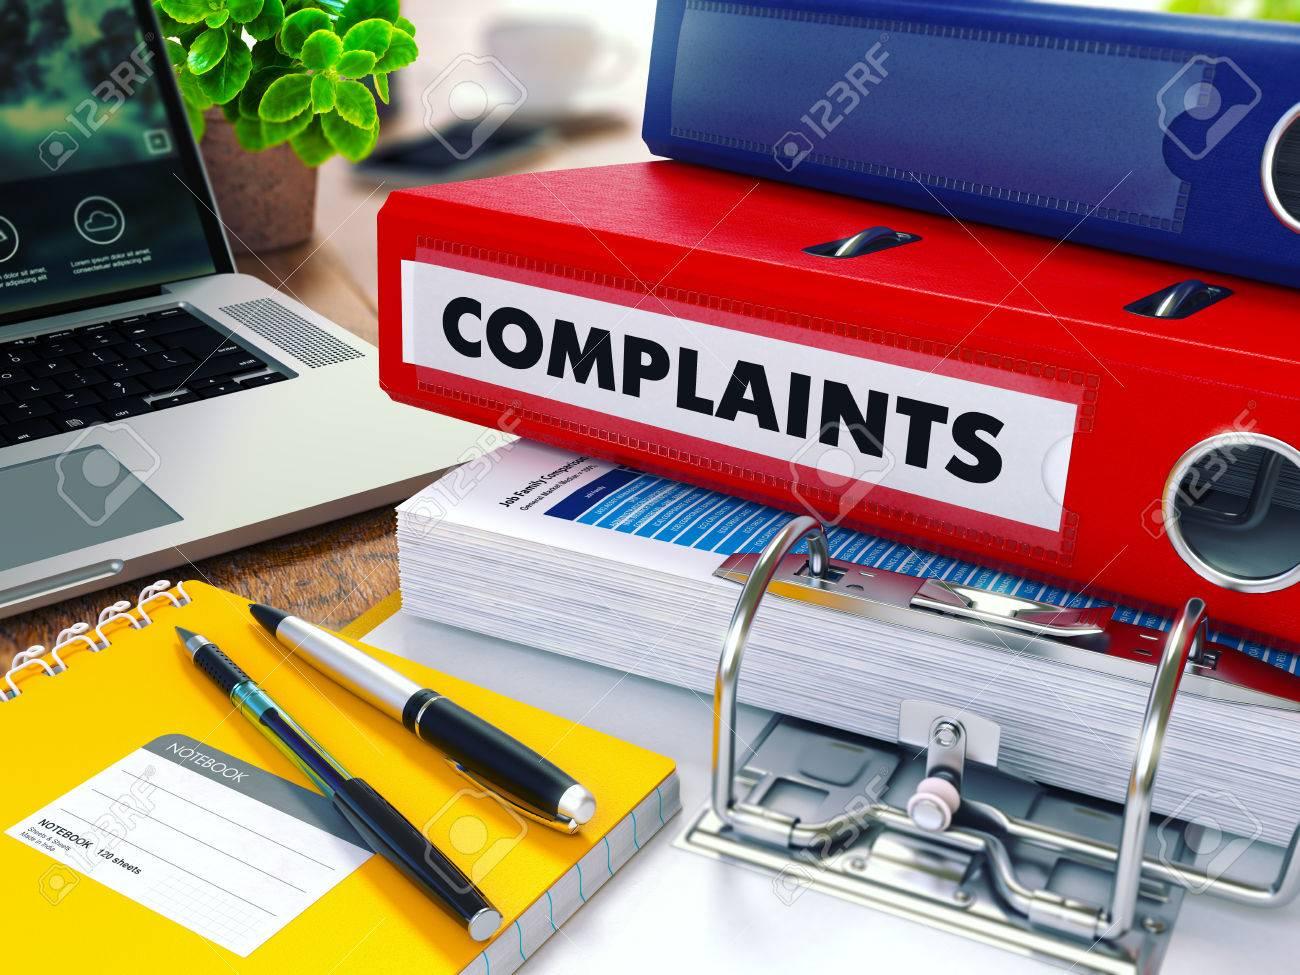 Beschwerden - Red Ring Binder auf Office Desktop mit Büromaterial und Moderne Laptop. Business-Konzept auf unscharfen Hintergrund. Getönten Illustration. Standard-Bild - 46207871